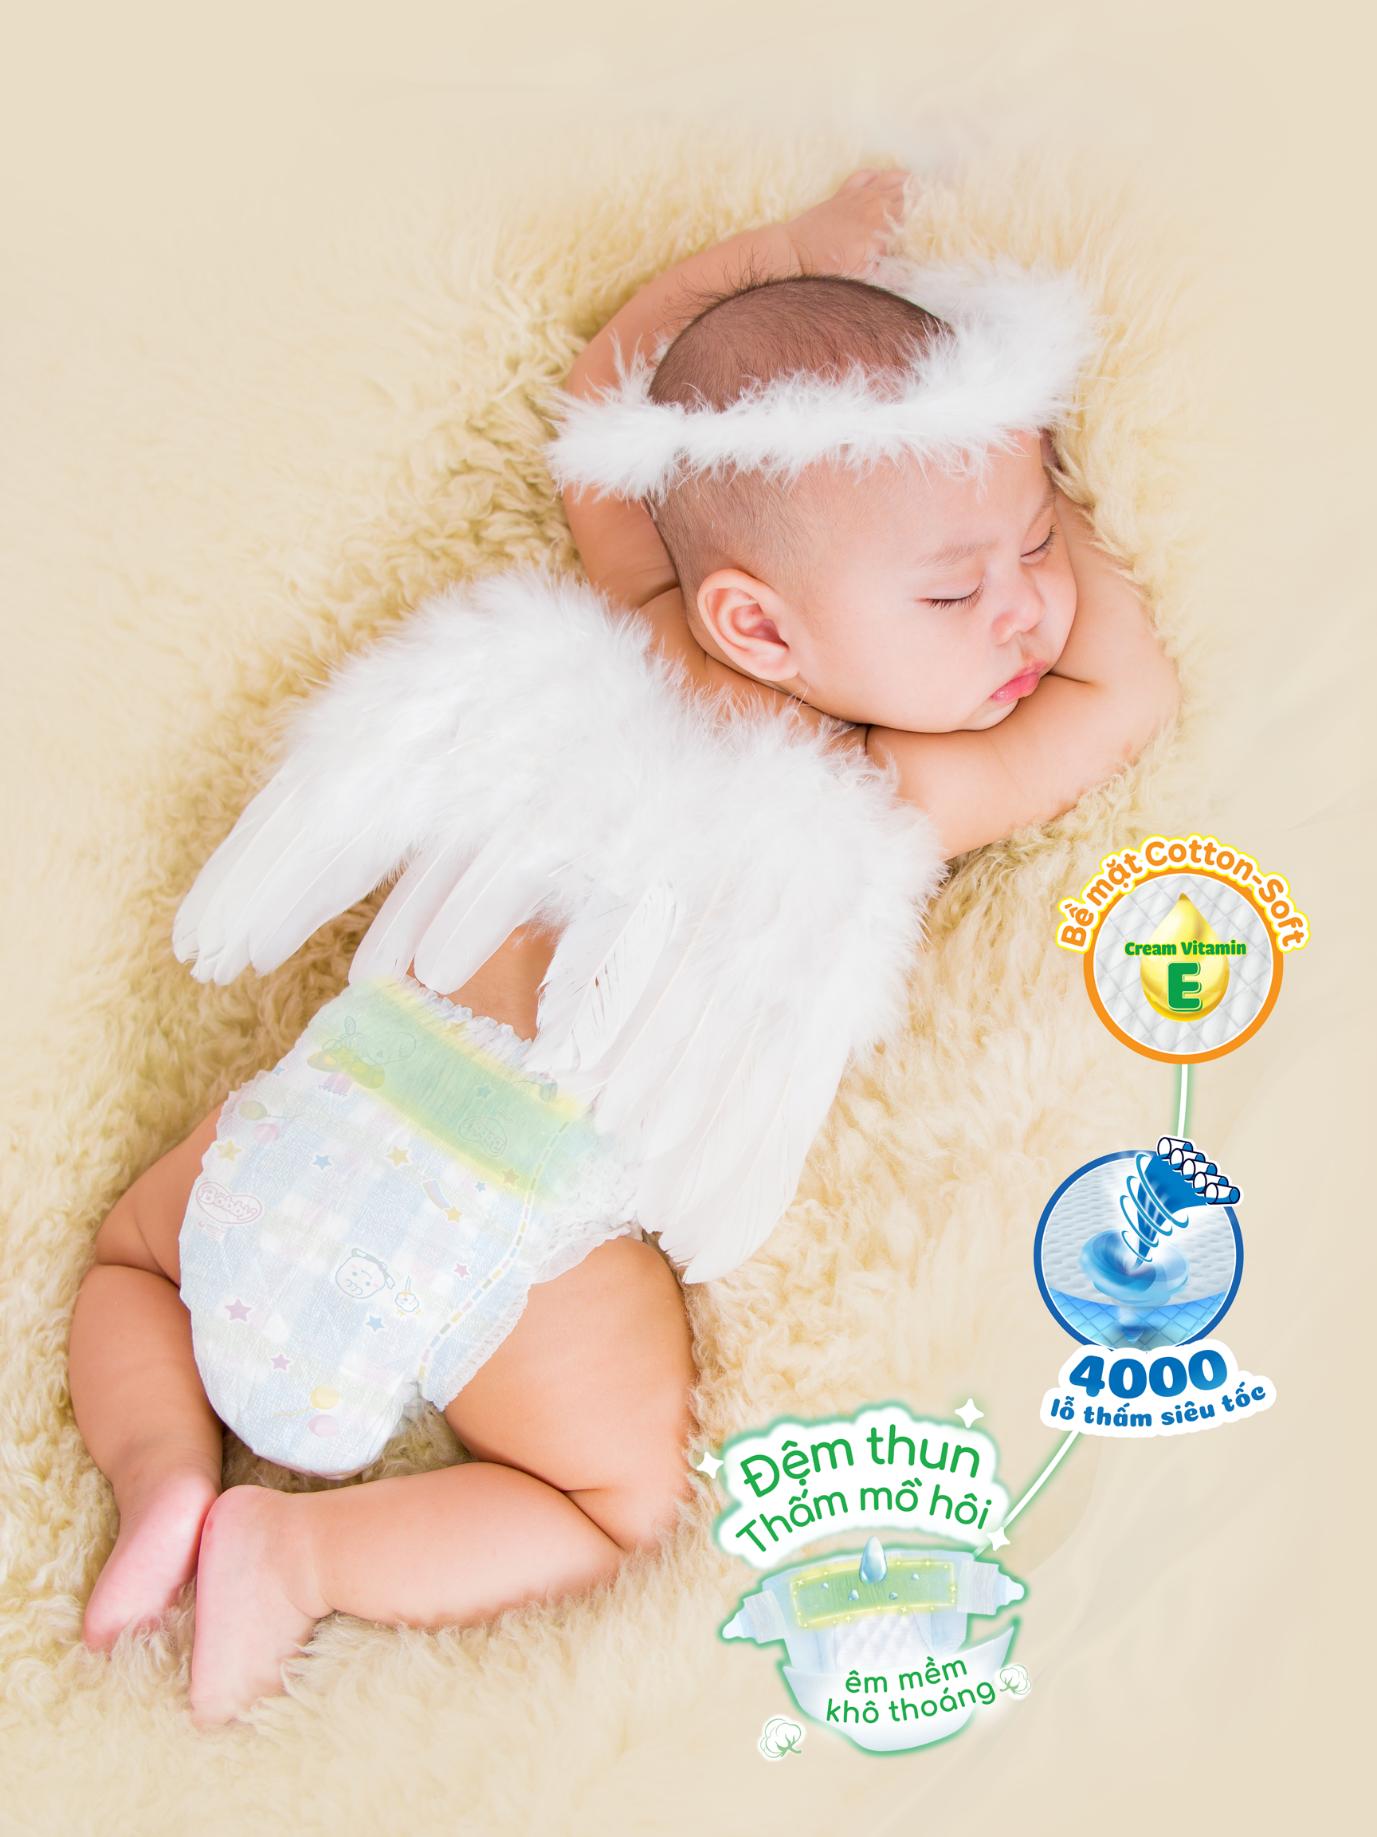 Thiết kế đệm thun thấm mồ hôi êm mềm, khô thoáng, chuyên biệt dành cho trẻ sơ sinh.